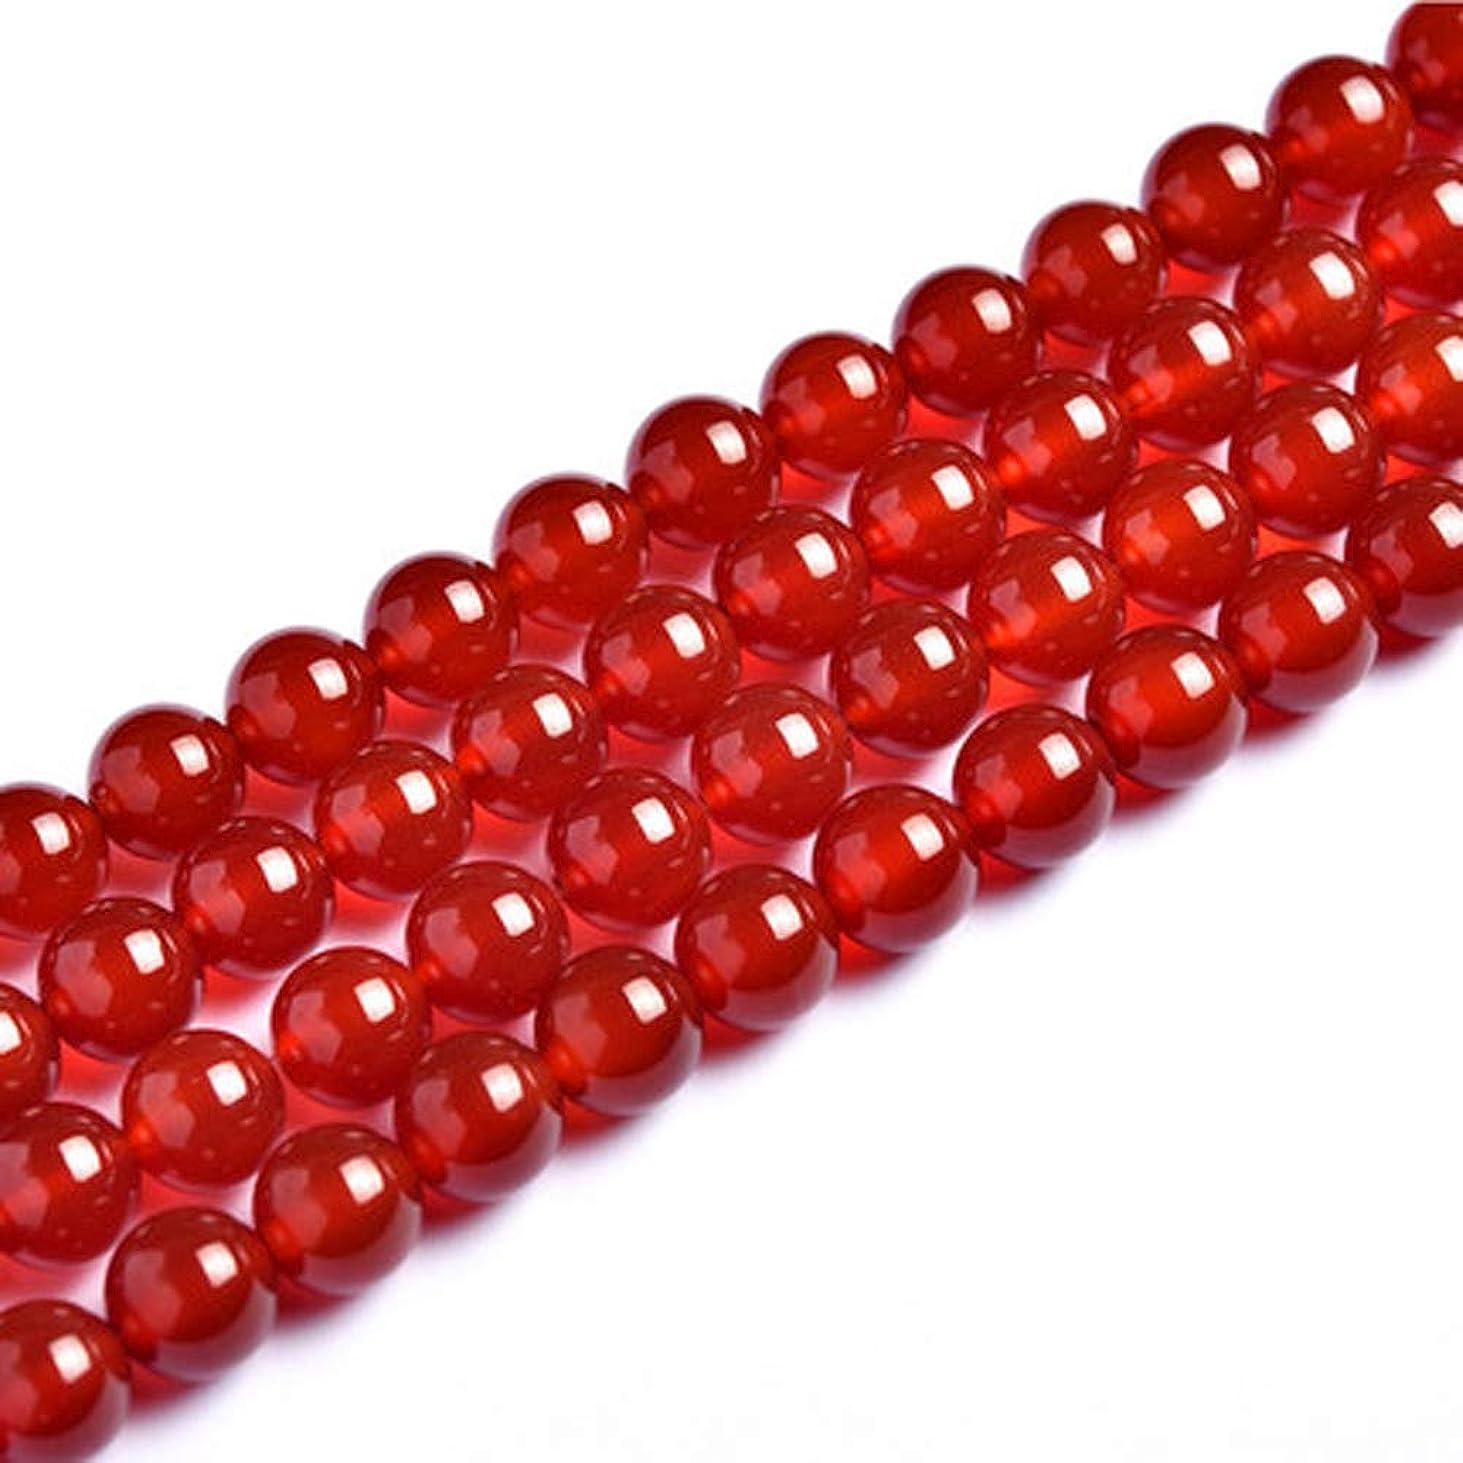 プロポーショナル折り目アンドリューハリディ[EasternStar] 7A レッド アゲート パワーストーン Red Agate Power stone 赤瑪瑙 メノウ 1連売り 約40cm 天然石 玉サイズ10mm 数珠 手作り 1連売り 長さ約40cm